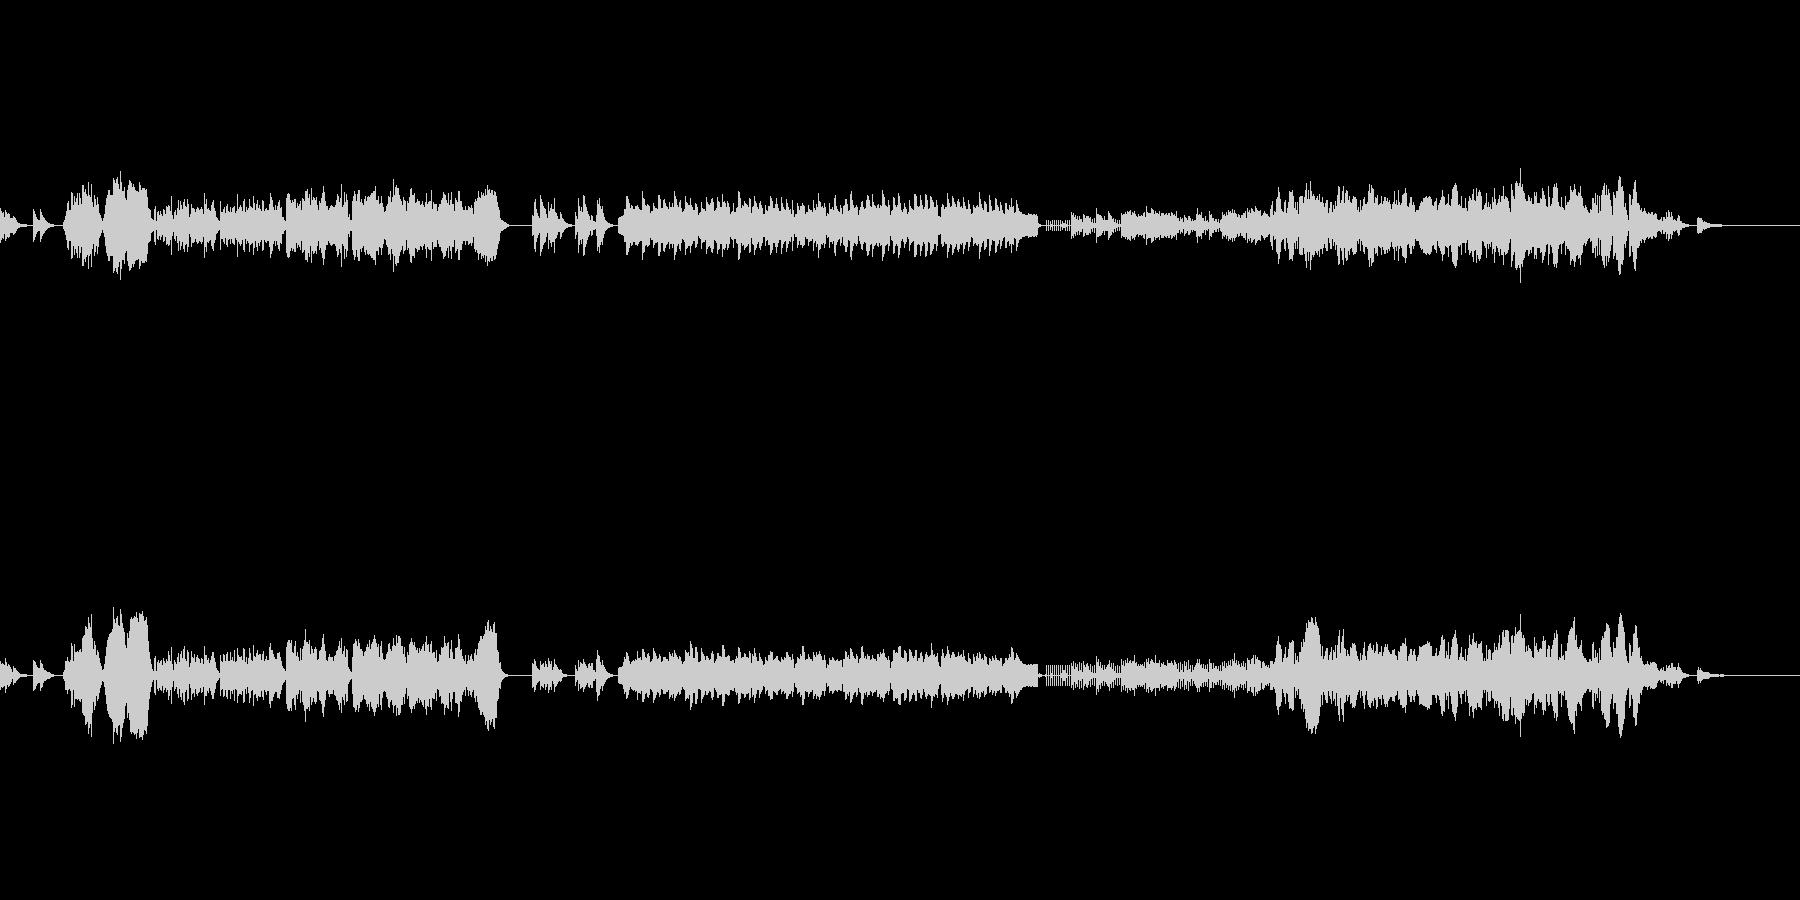 弦とピアノ(チェレスタ)のアンサンブルの未再生の波形